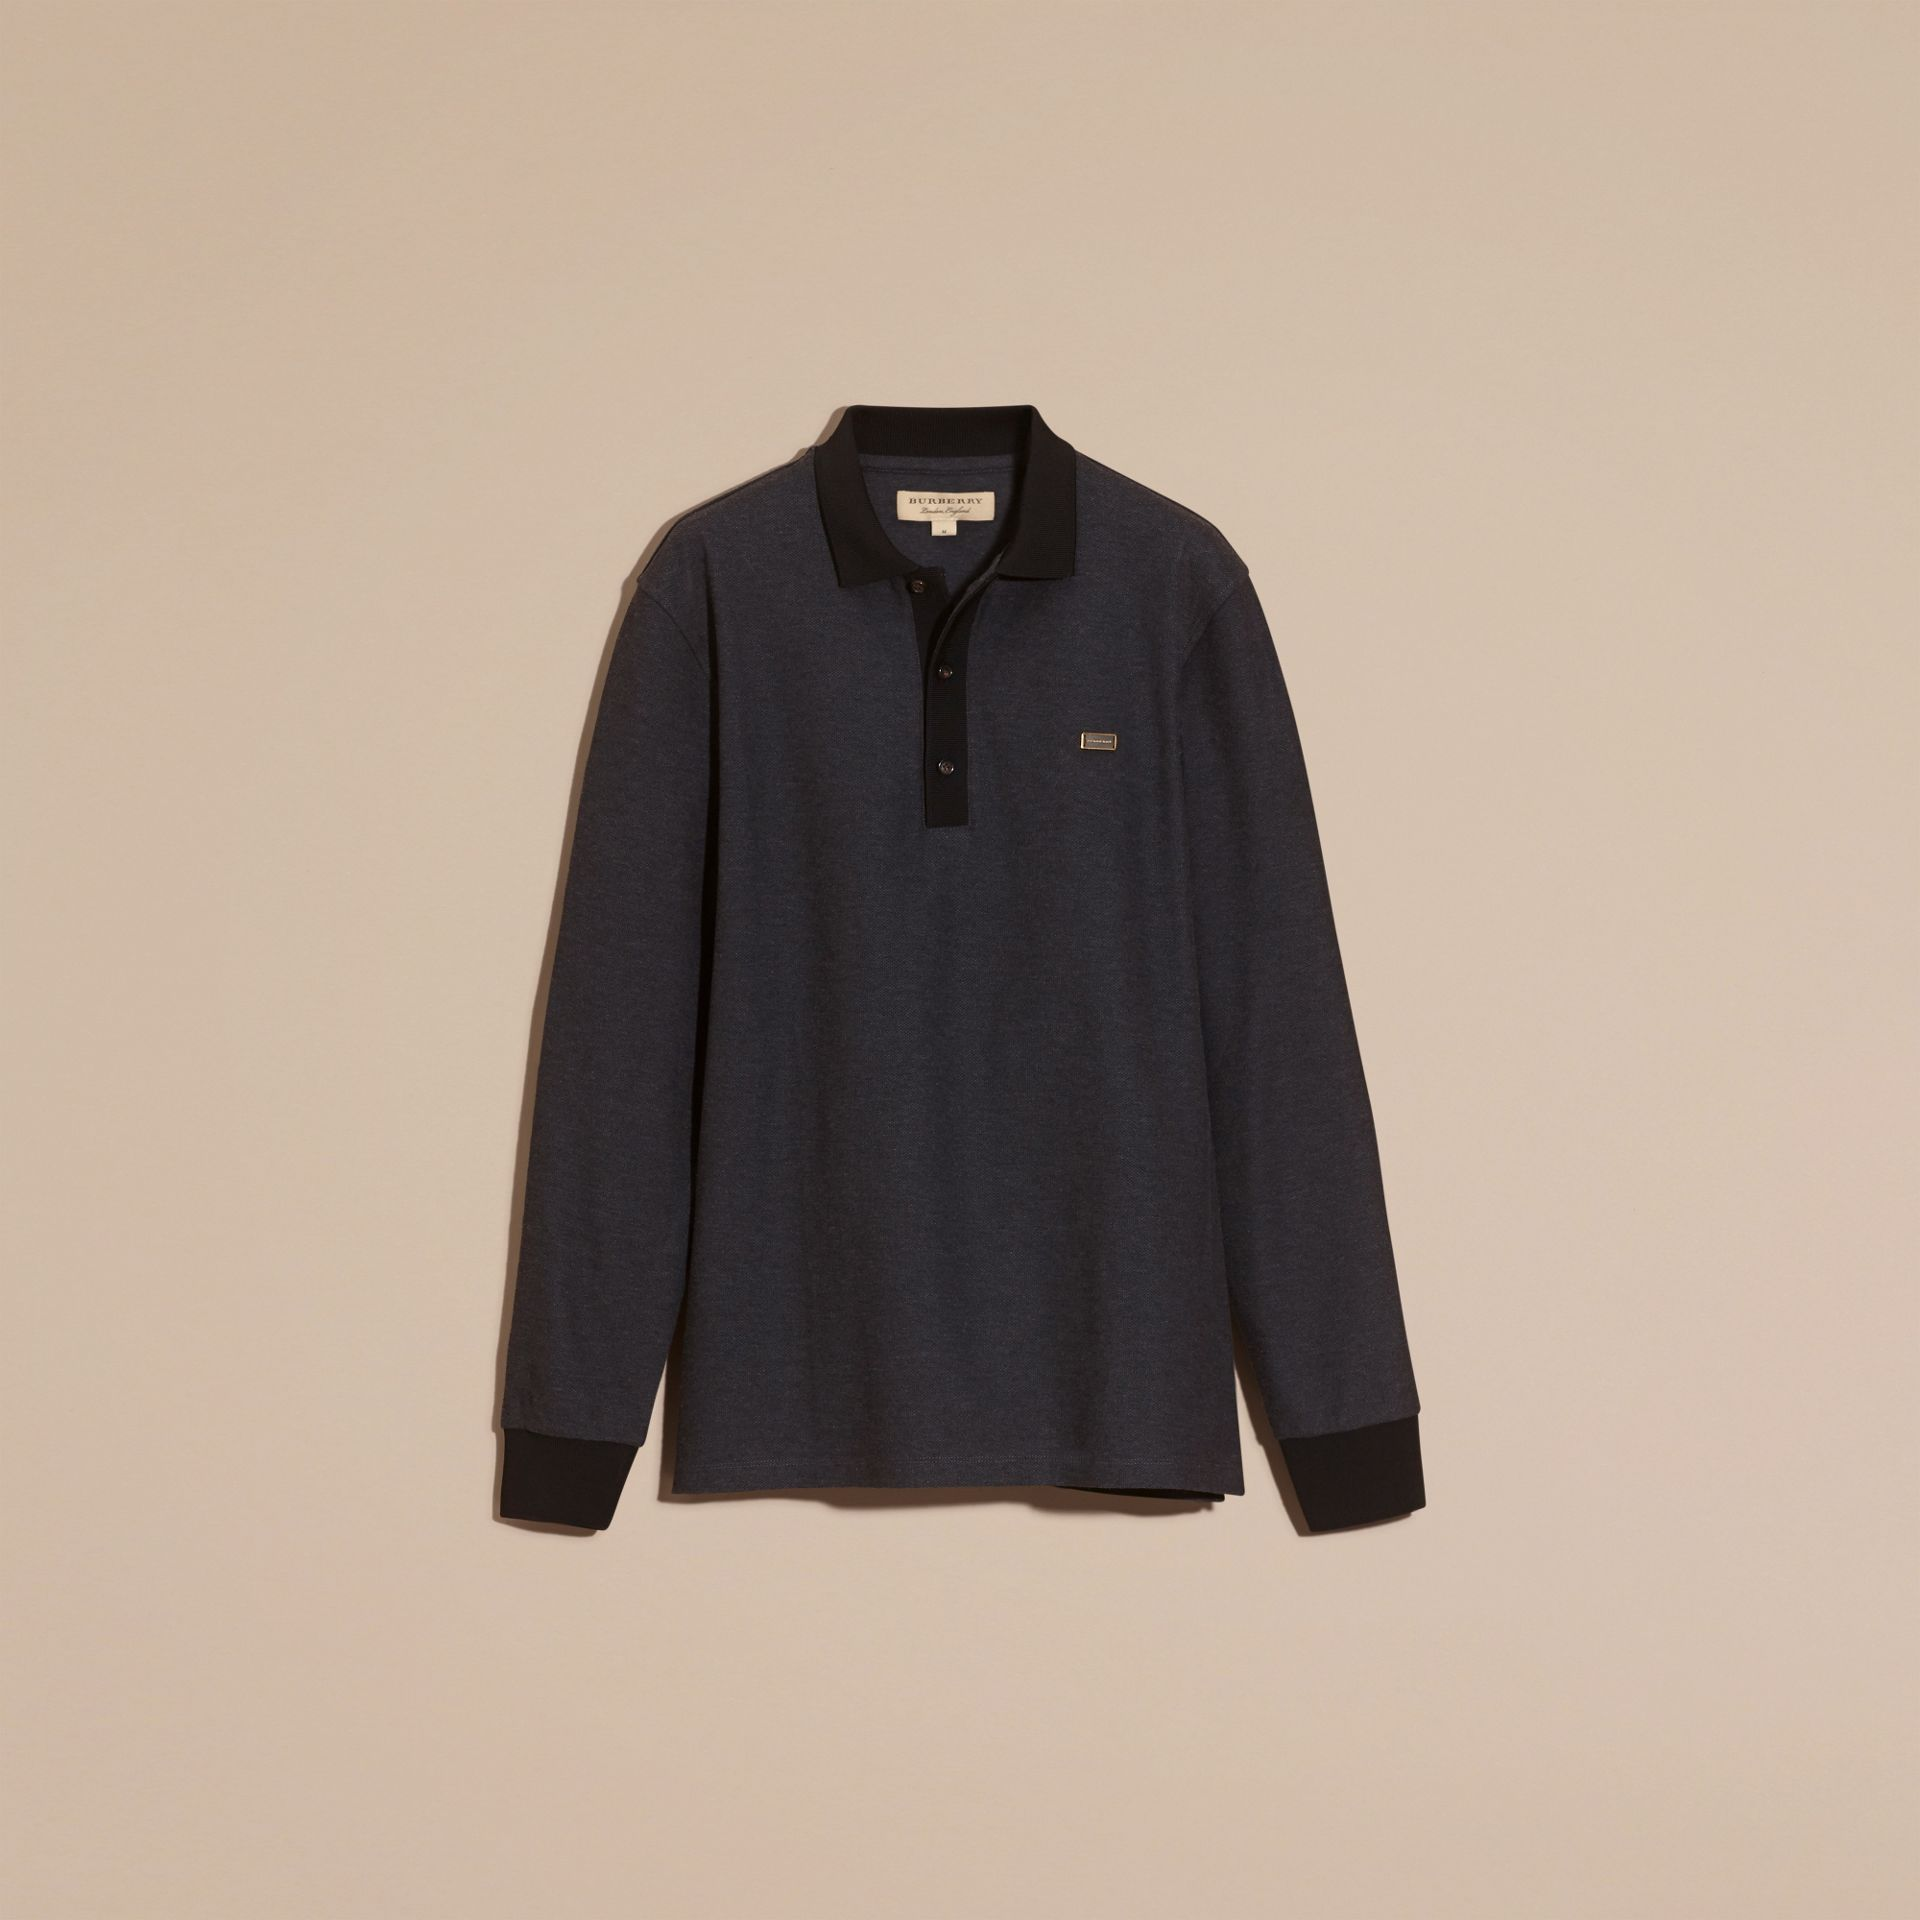 Anthracite/noir Polo en piqué de coton à manches longues Anthracite/noir - photo de la galerie 4